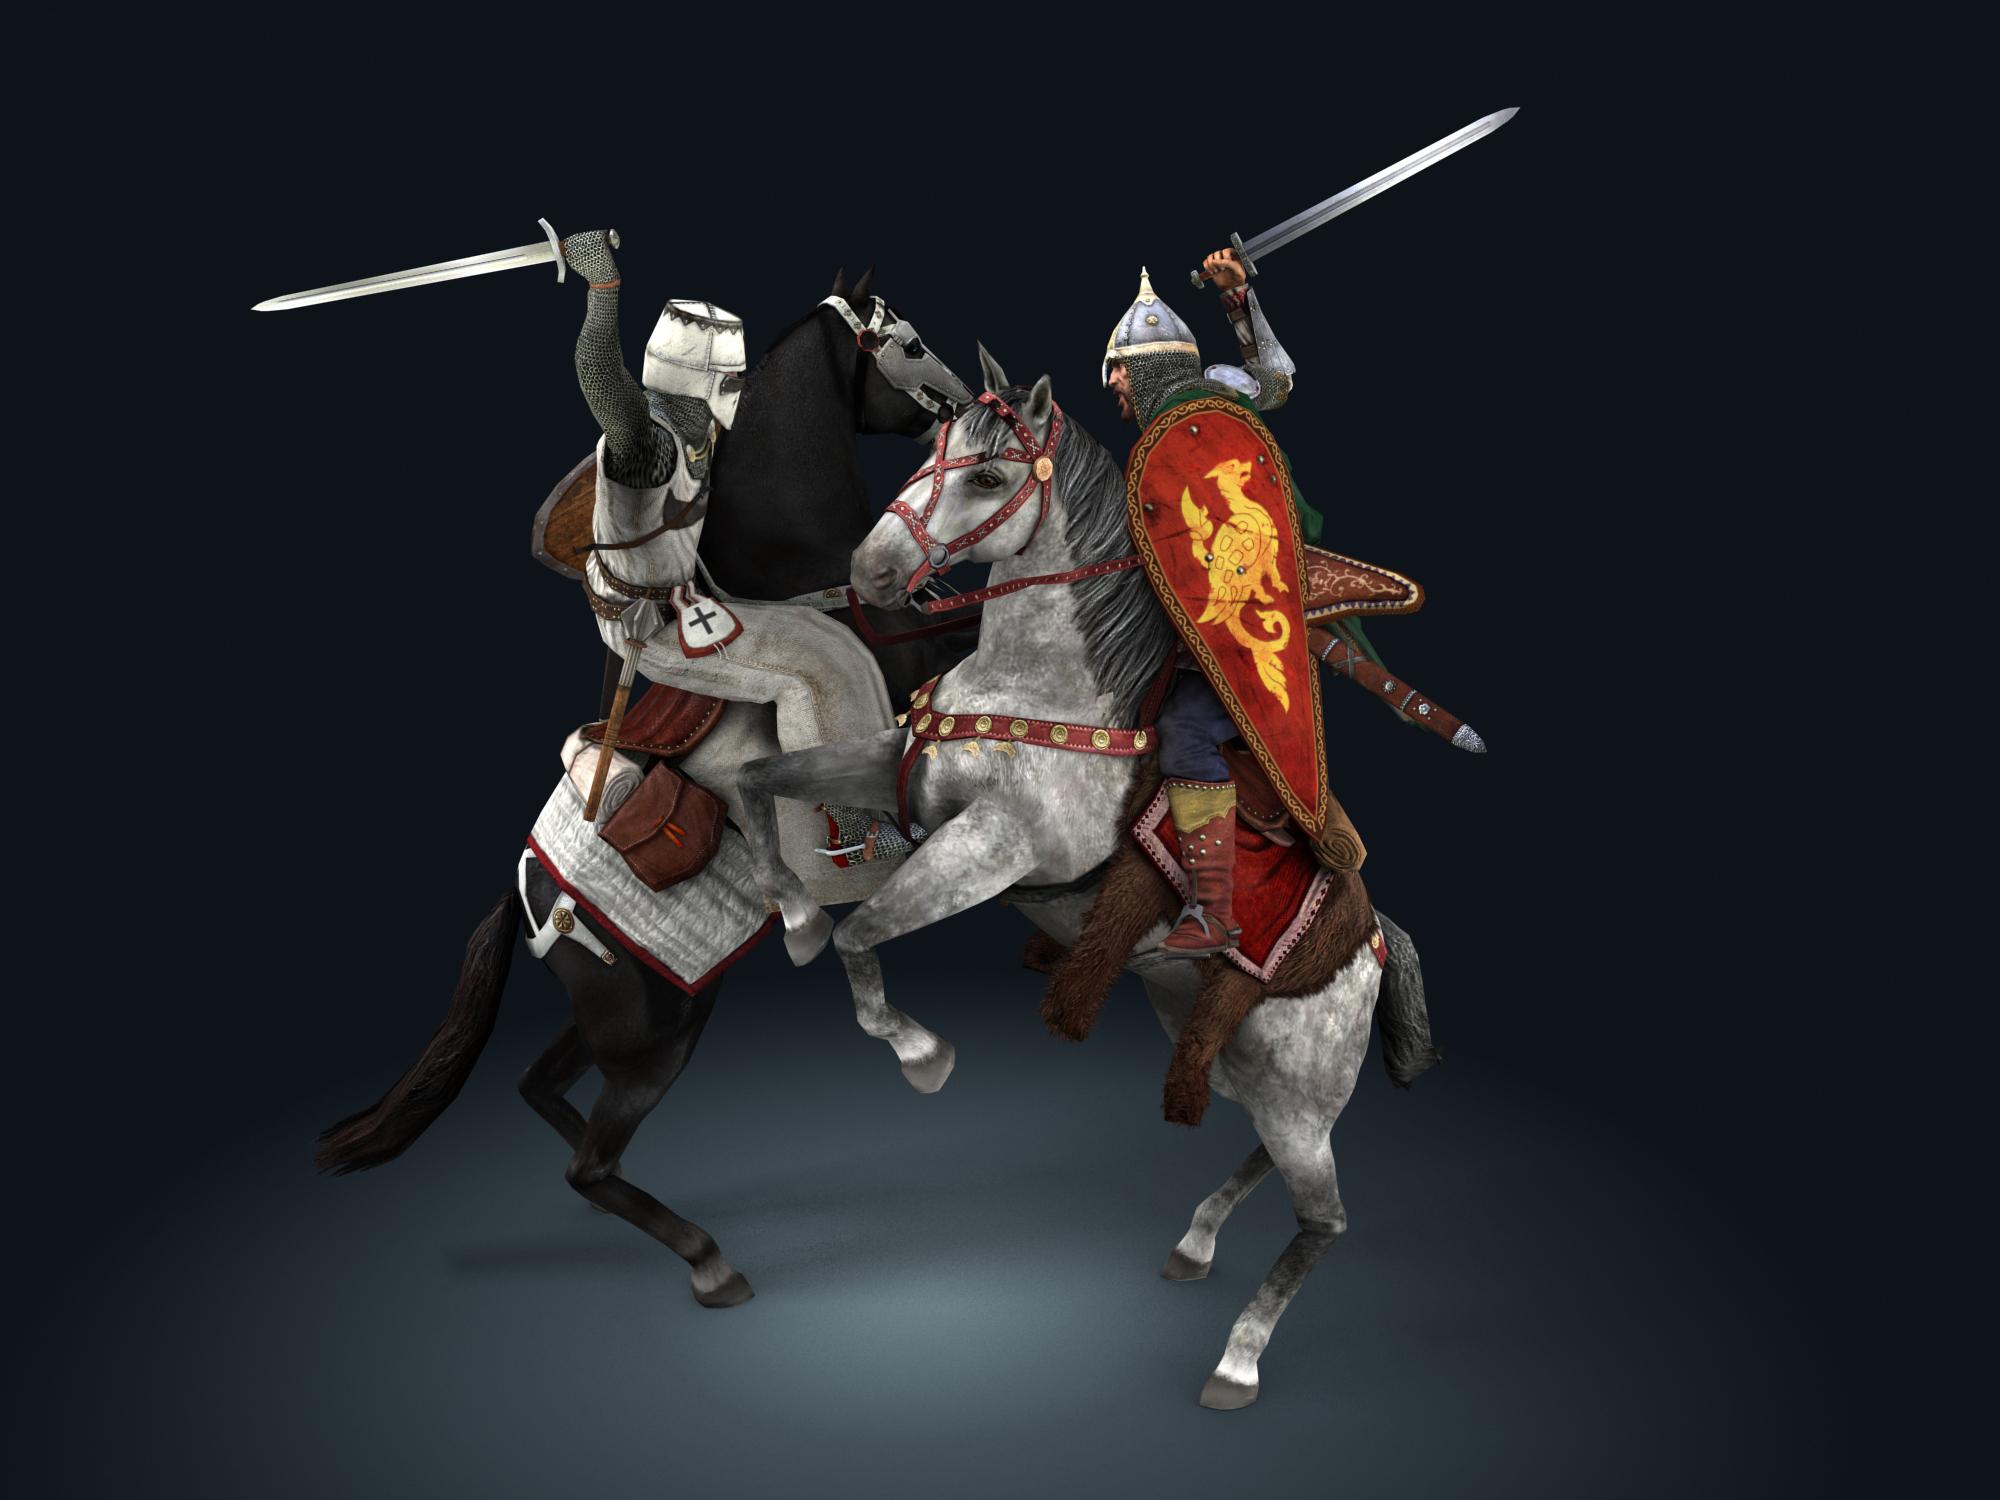 Fantasy - Knight  Wallpaper